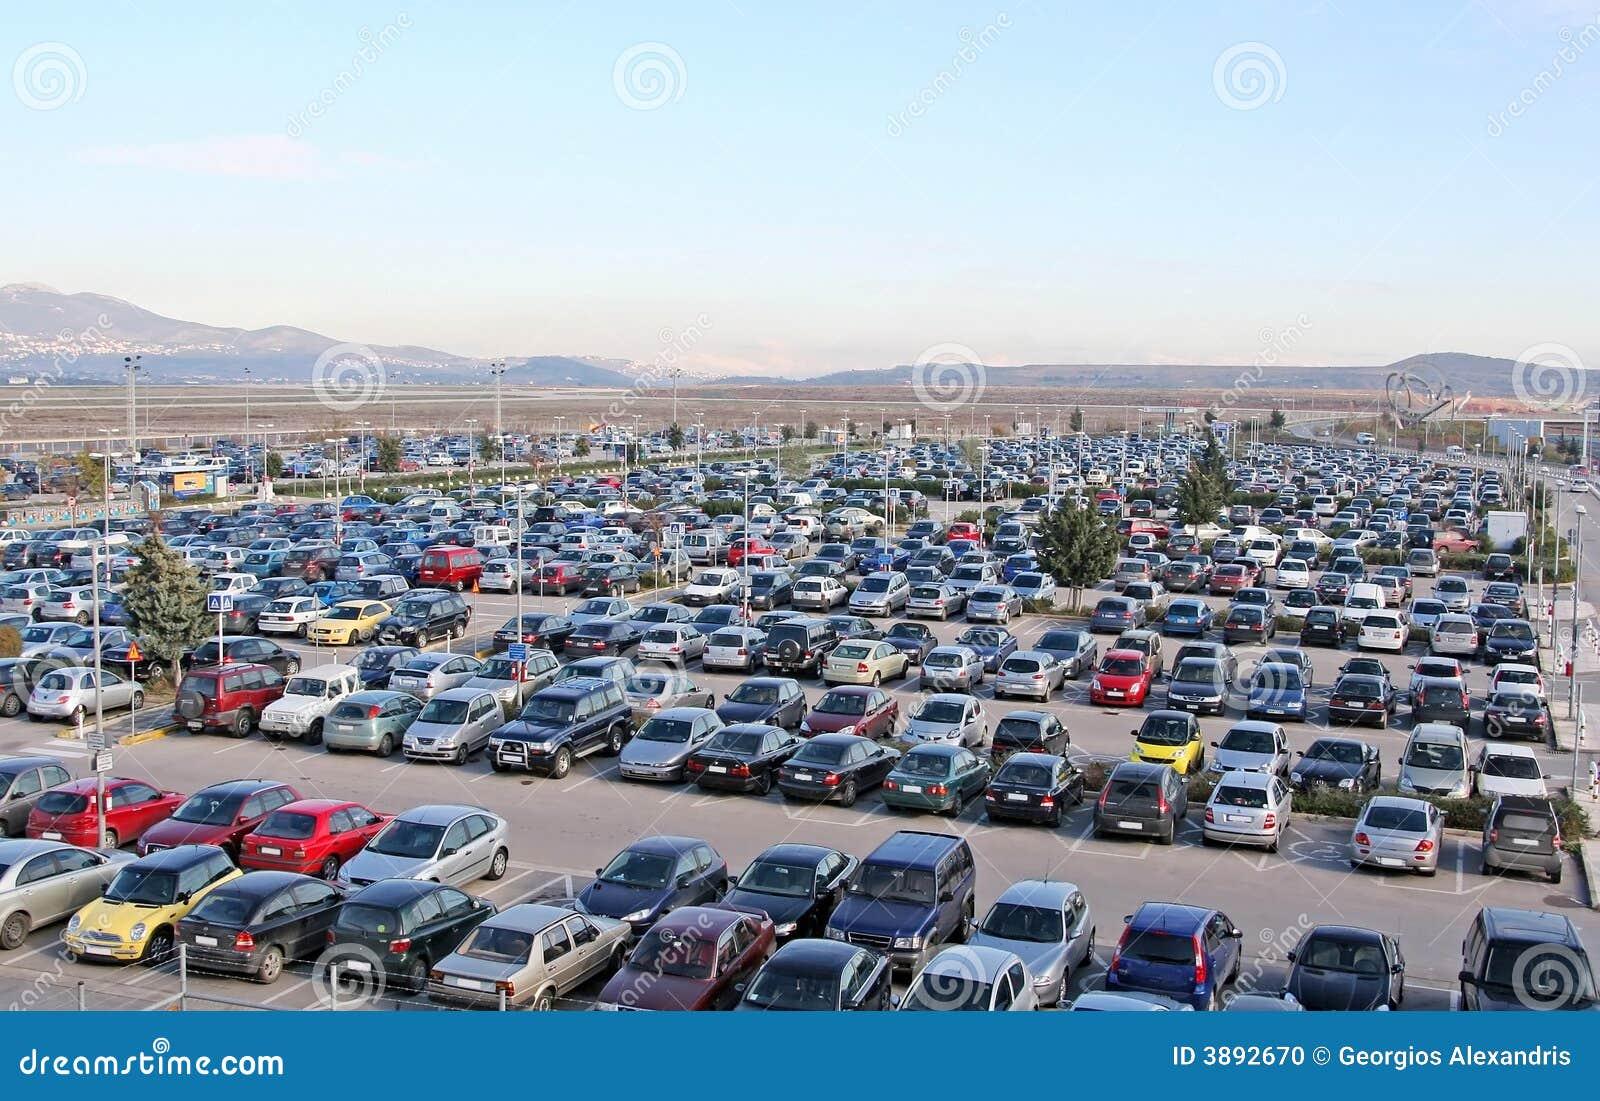 Full lottparkering för bilar